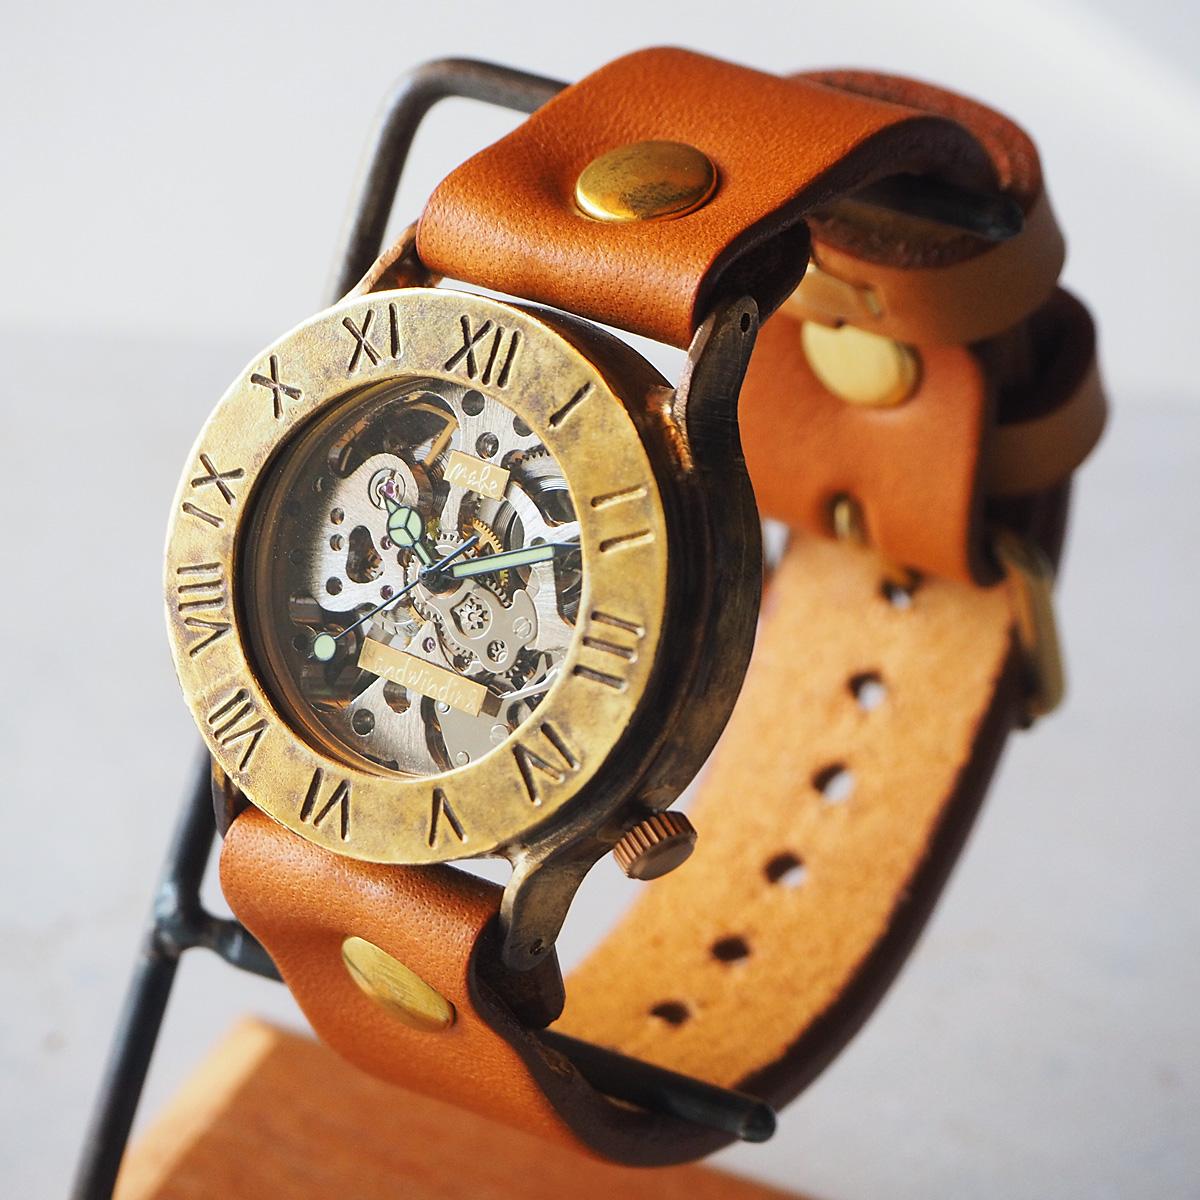 渡辺工房 手作り腕時計 手巻き式 裏スケルトン ローマ数字 36mm [NW-BHW058B] 時計作家 渡辺正明 ハンドメイドウォッチ ハンドメイド腕時計 ビッグフェイス メンズ レディース 本革ベルト 真鍮 アナログ 日本製 刻印・名入れ無料